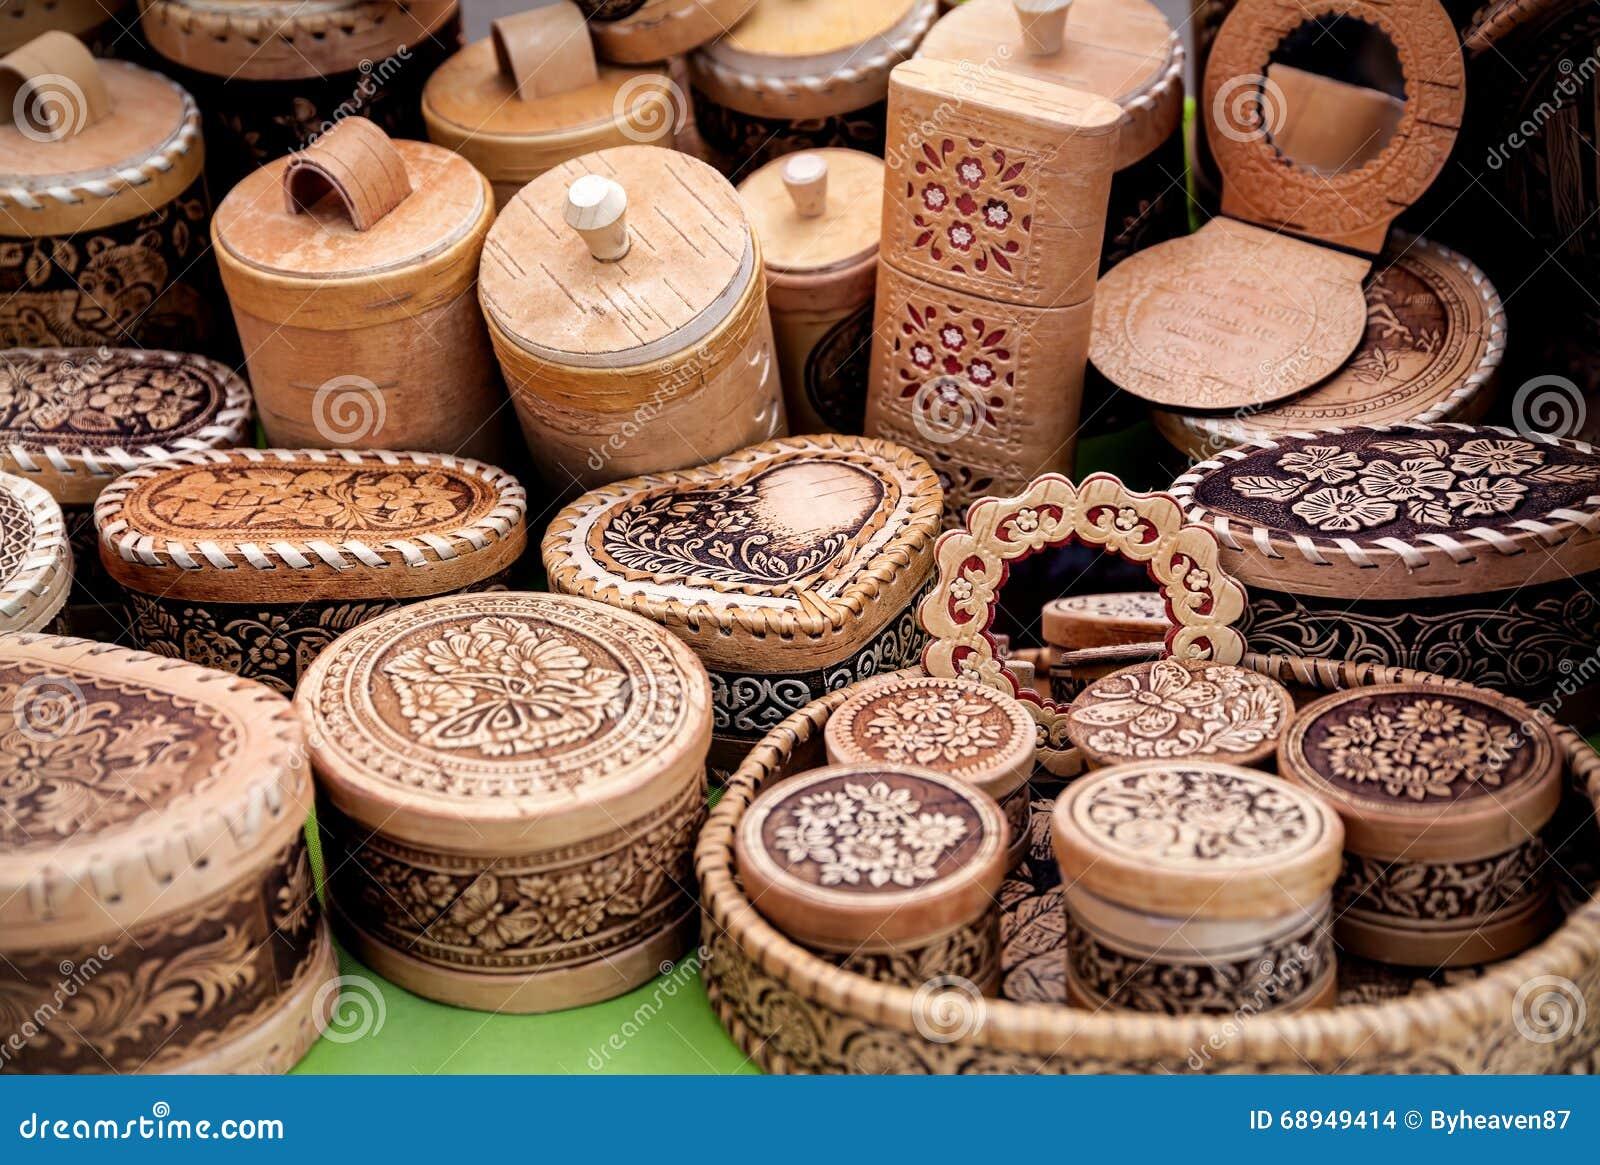 Деревянная утварь на рынке